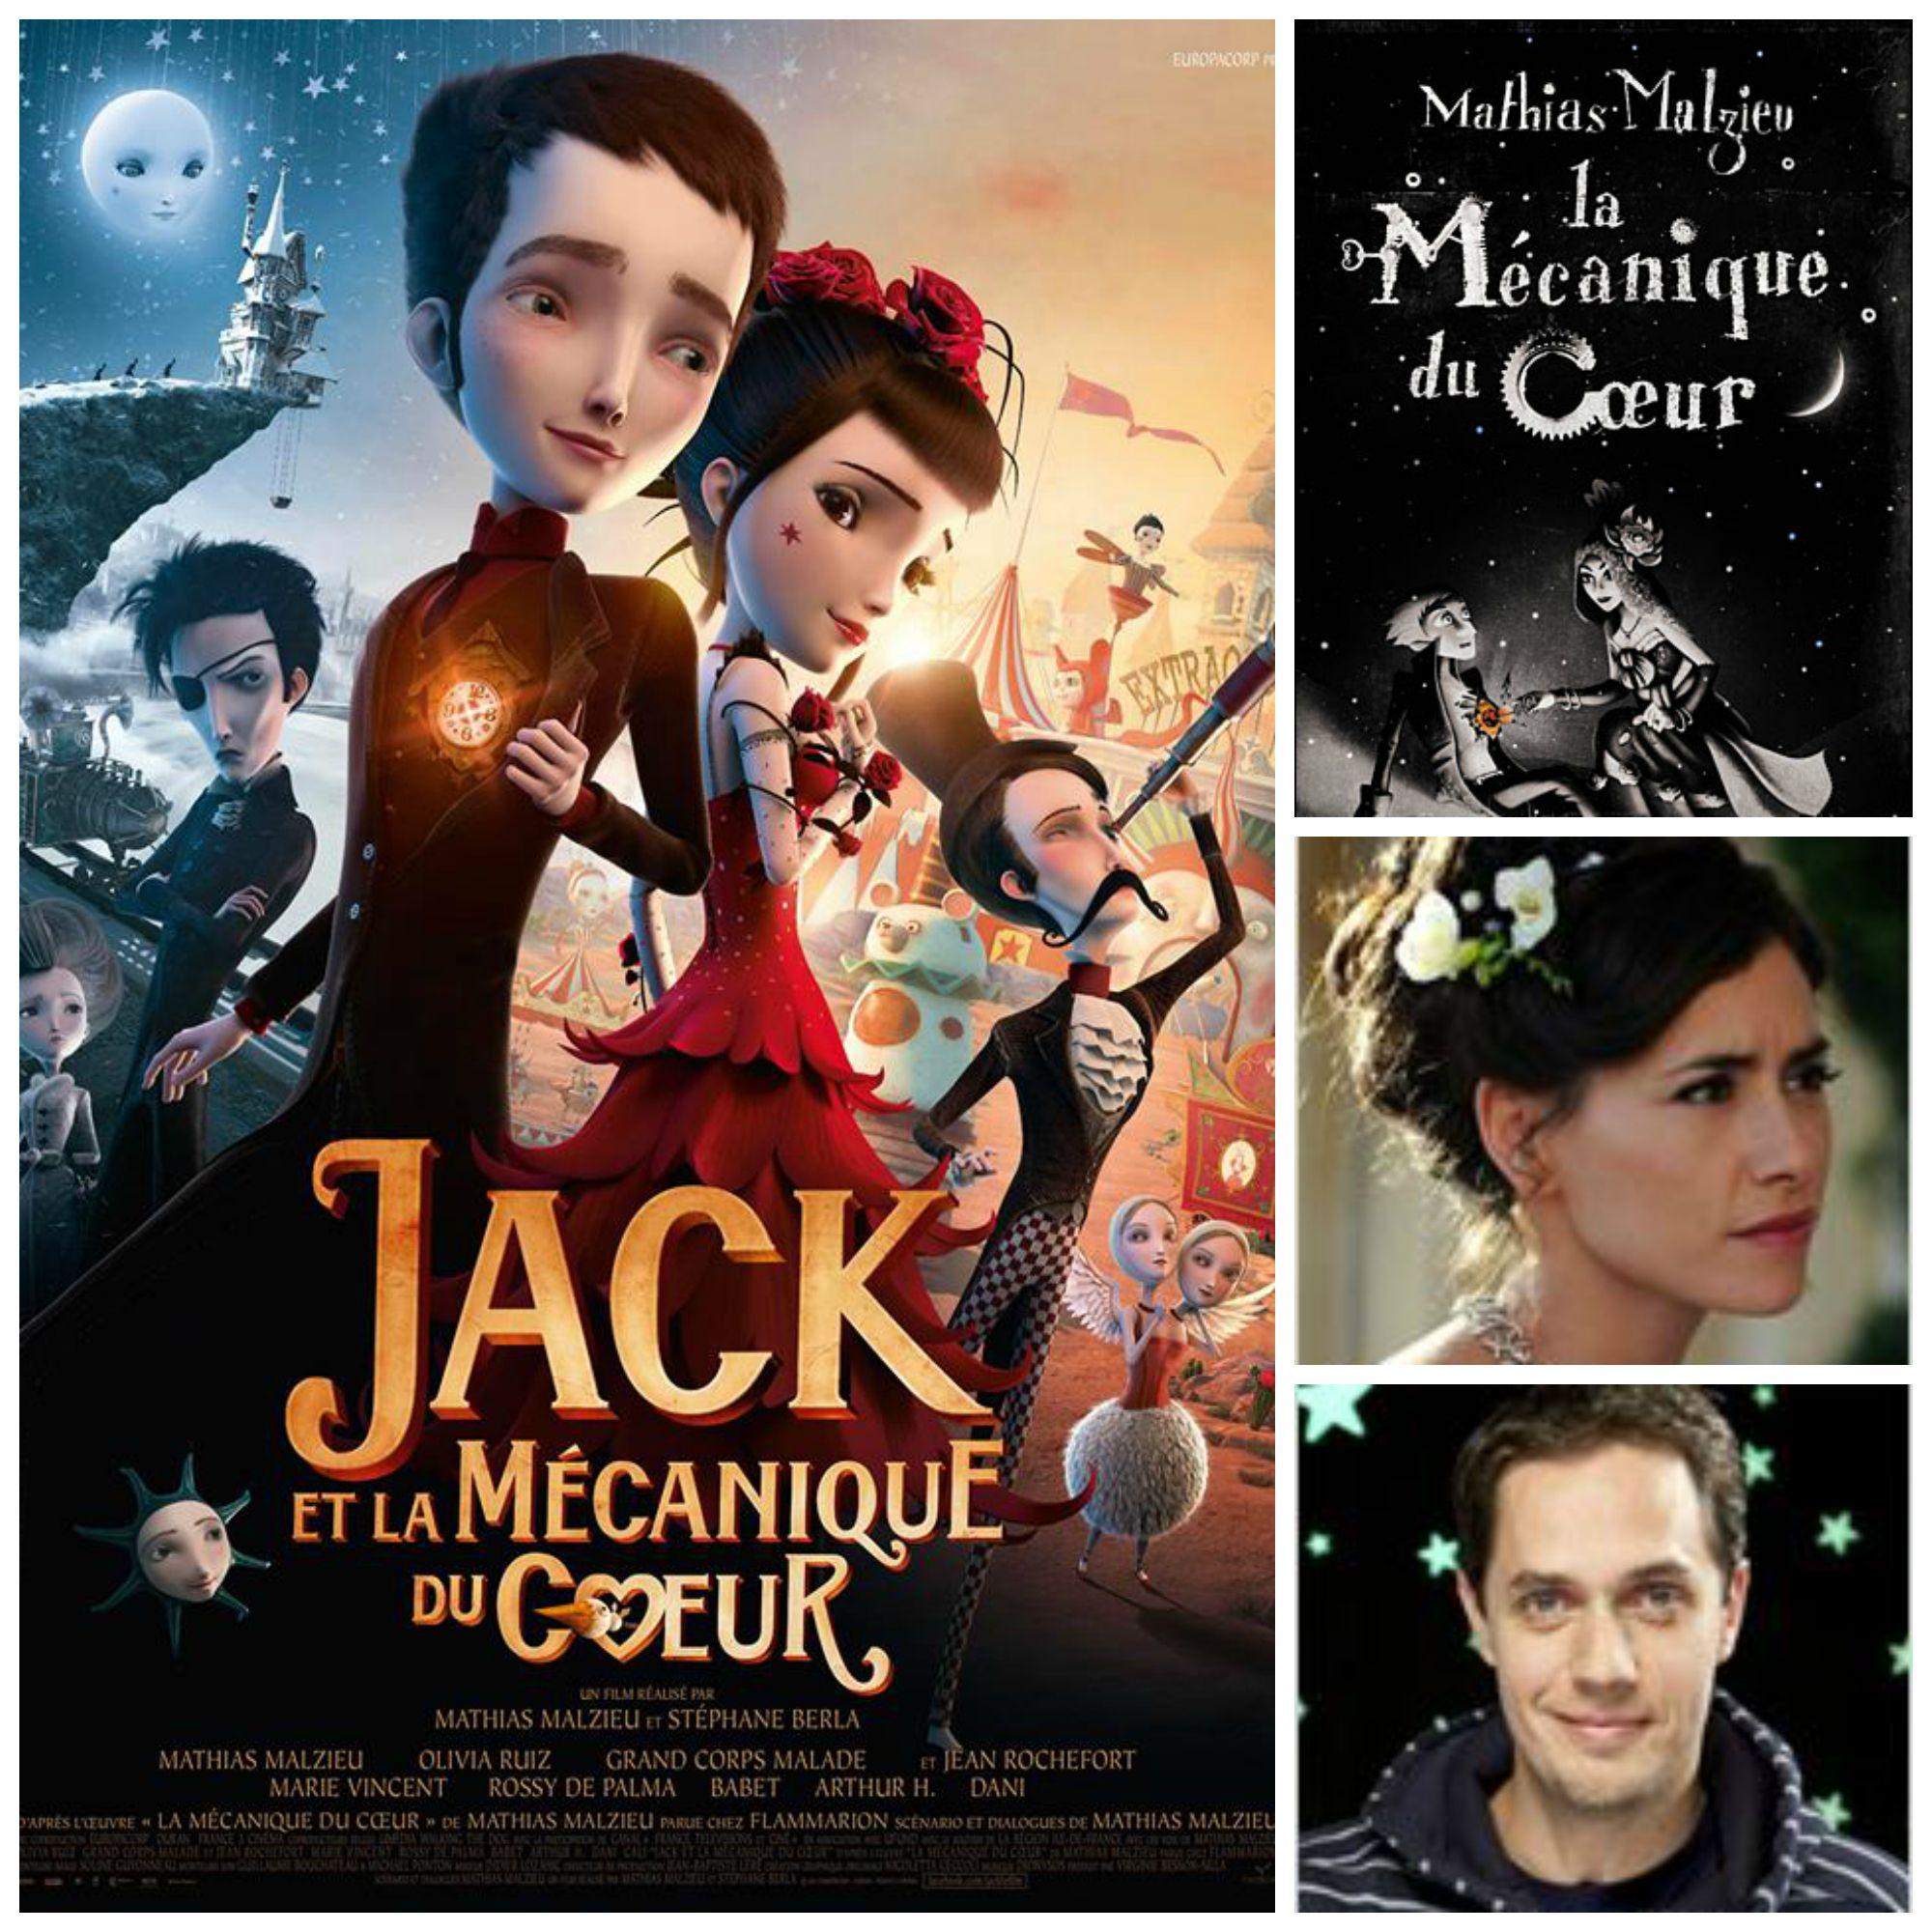 Jack et la mécanique du cœur + Concours Films Movies